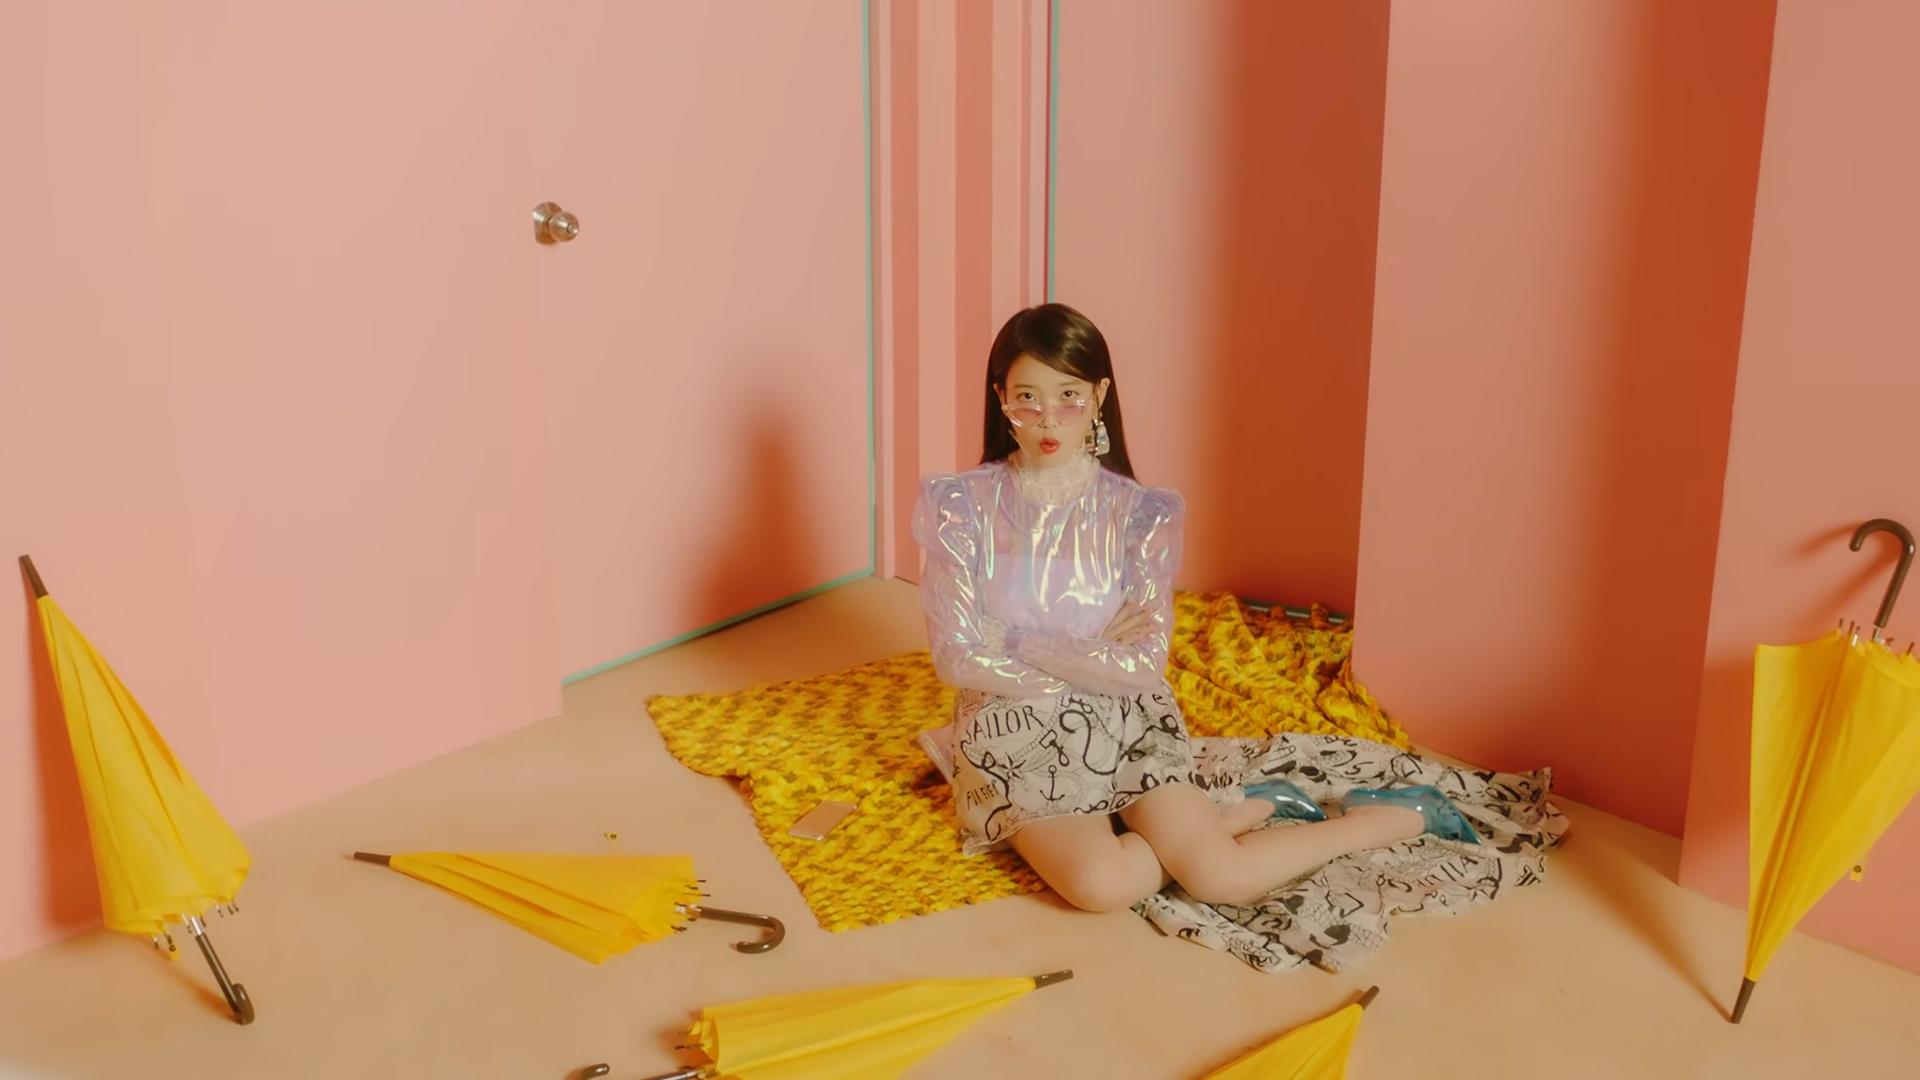 ca sĩ IU mặc đồ nhựa trong suốt trong MV BBIBBI